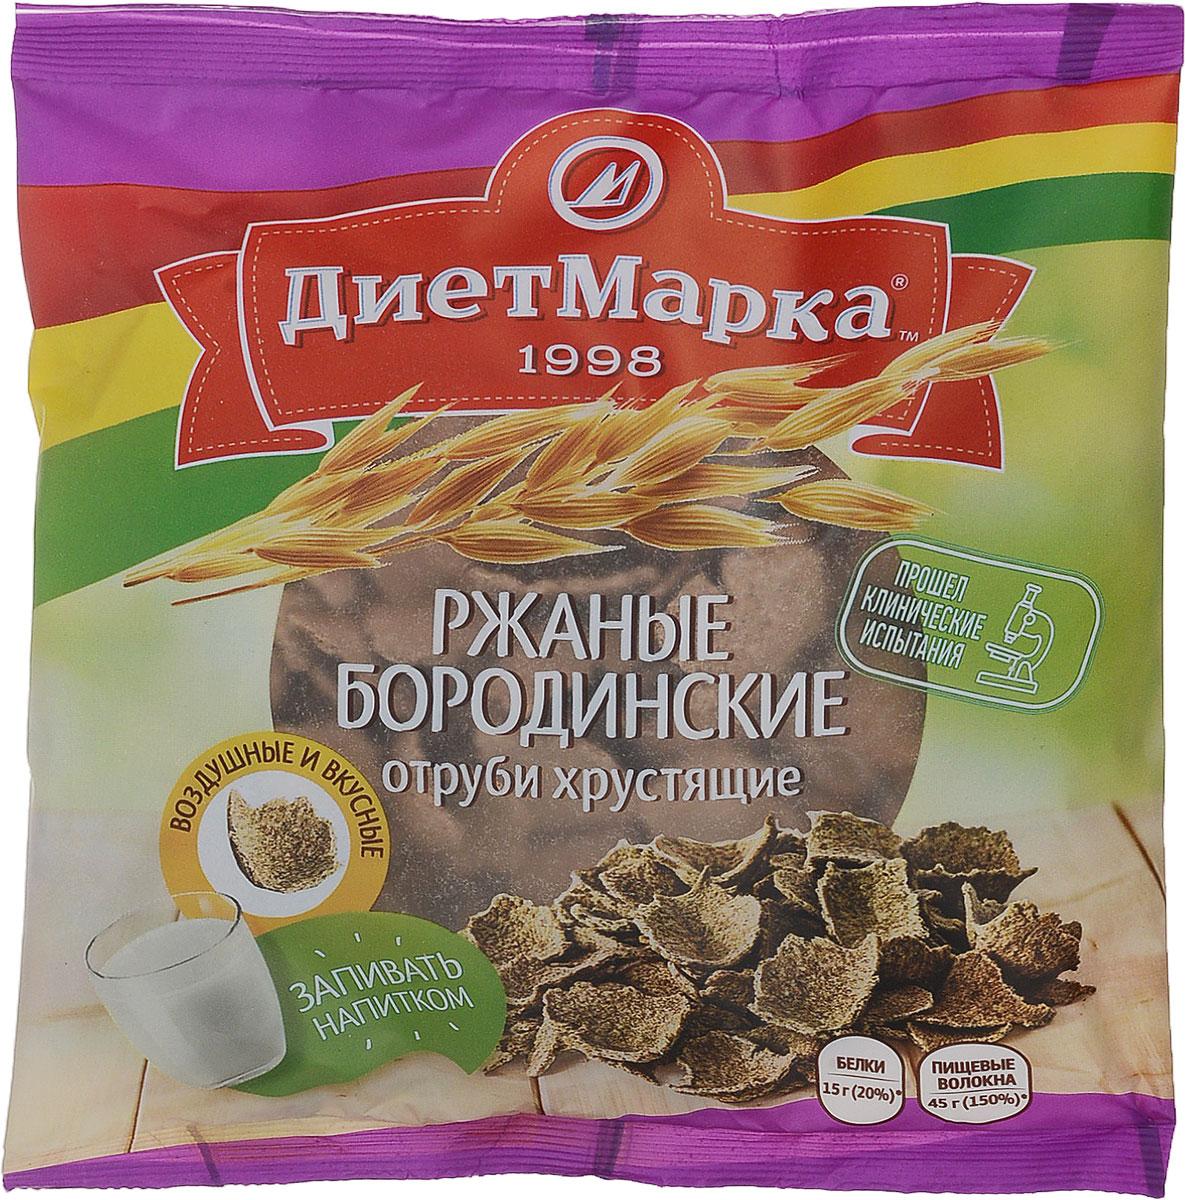 Диет Марка отруби хрустящие №28 ржаные бородинские, 100 г сибирские отруби хрустящие сила ягод 100 г